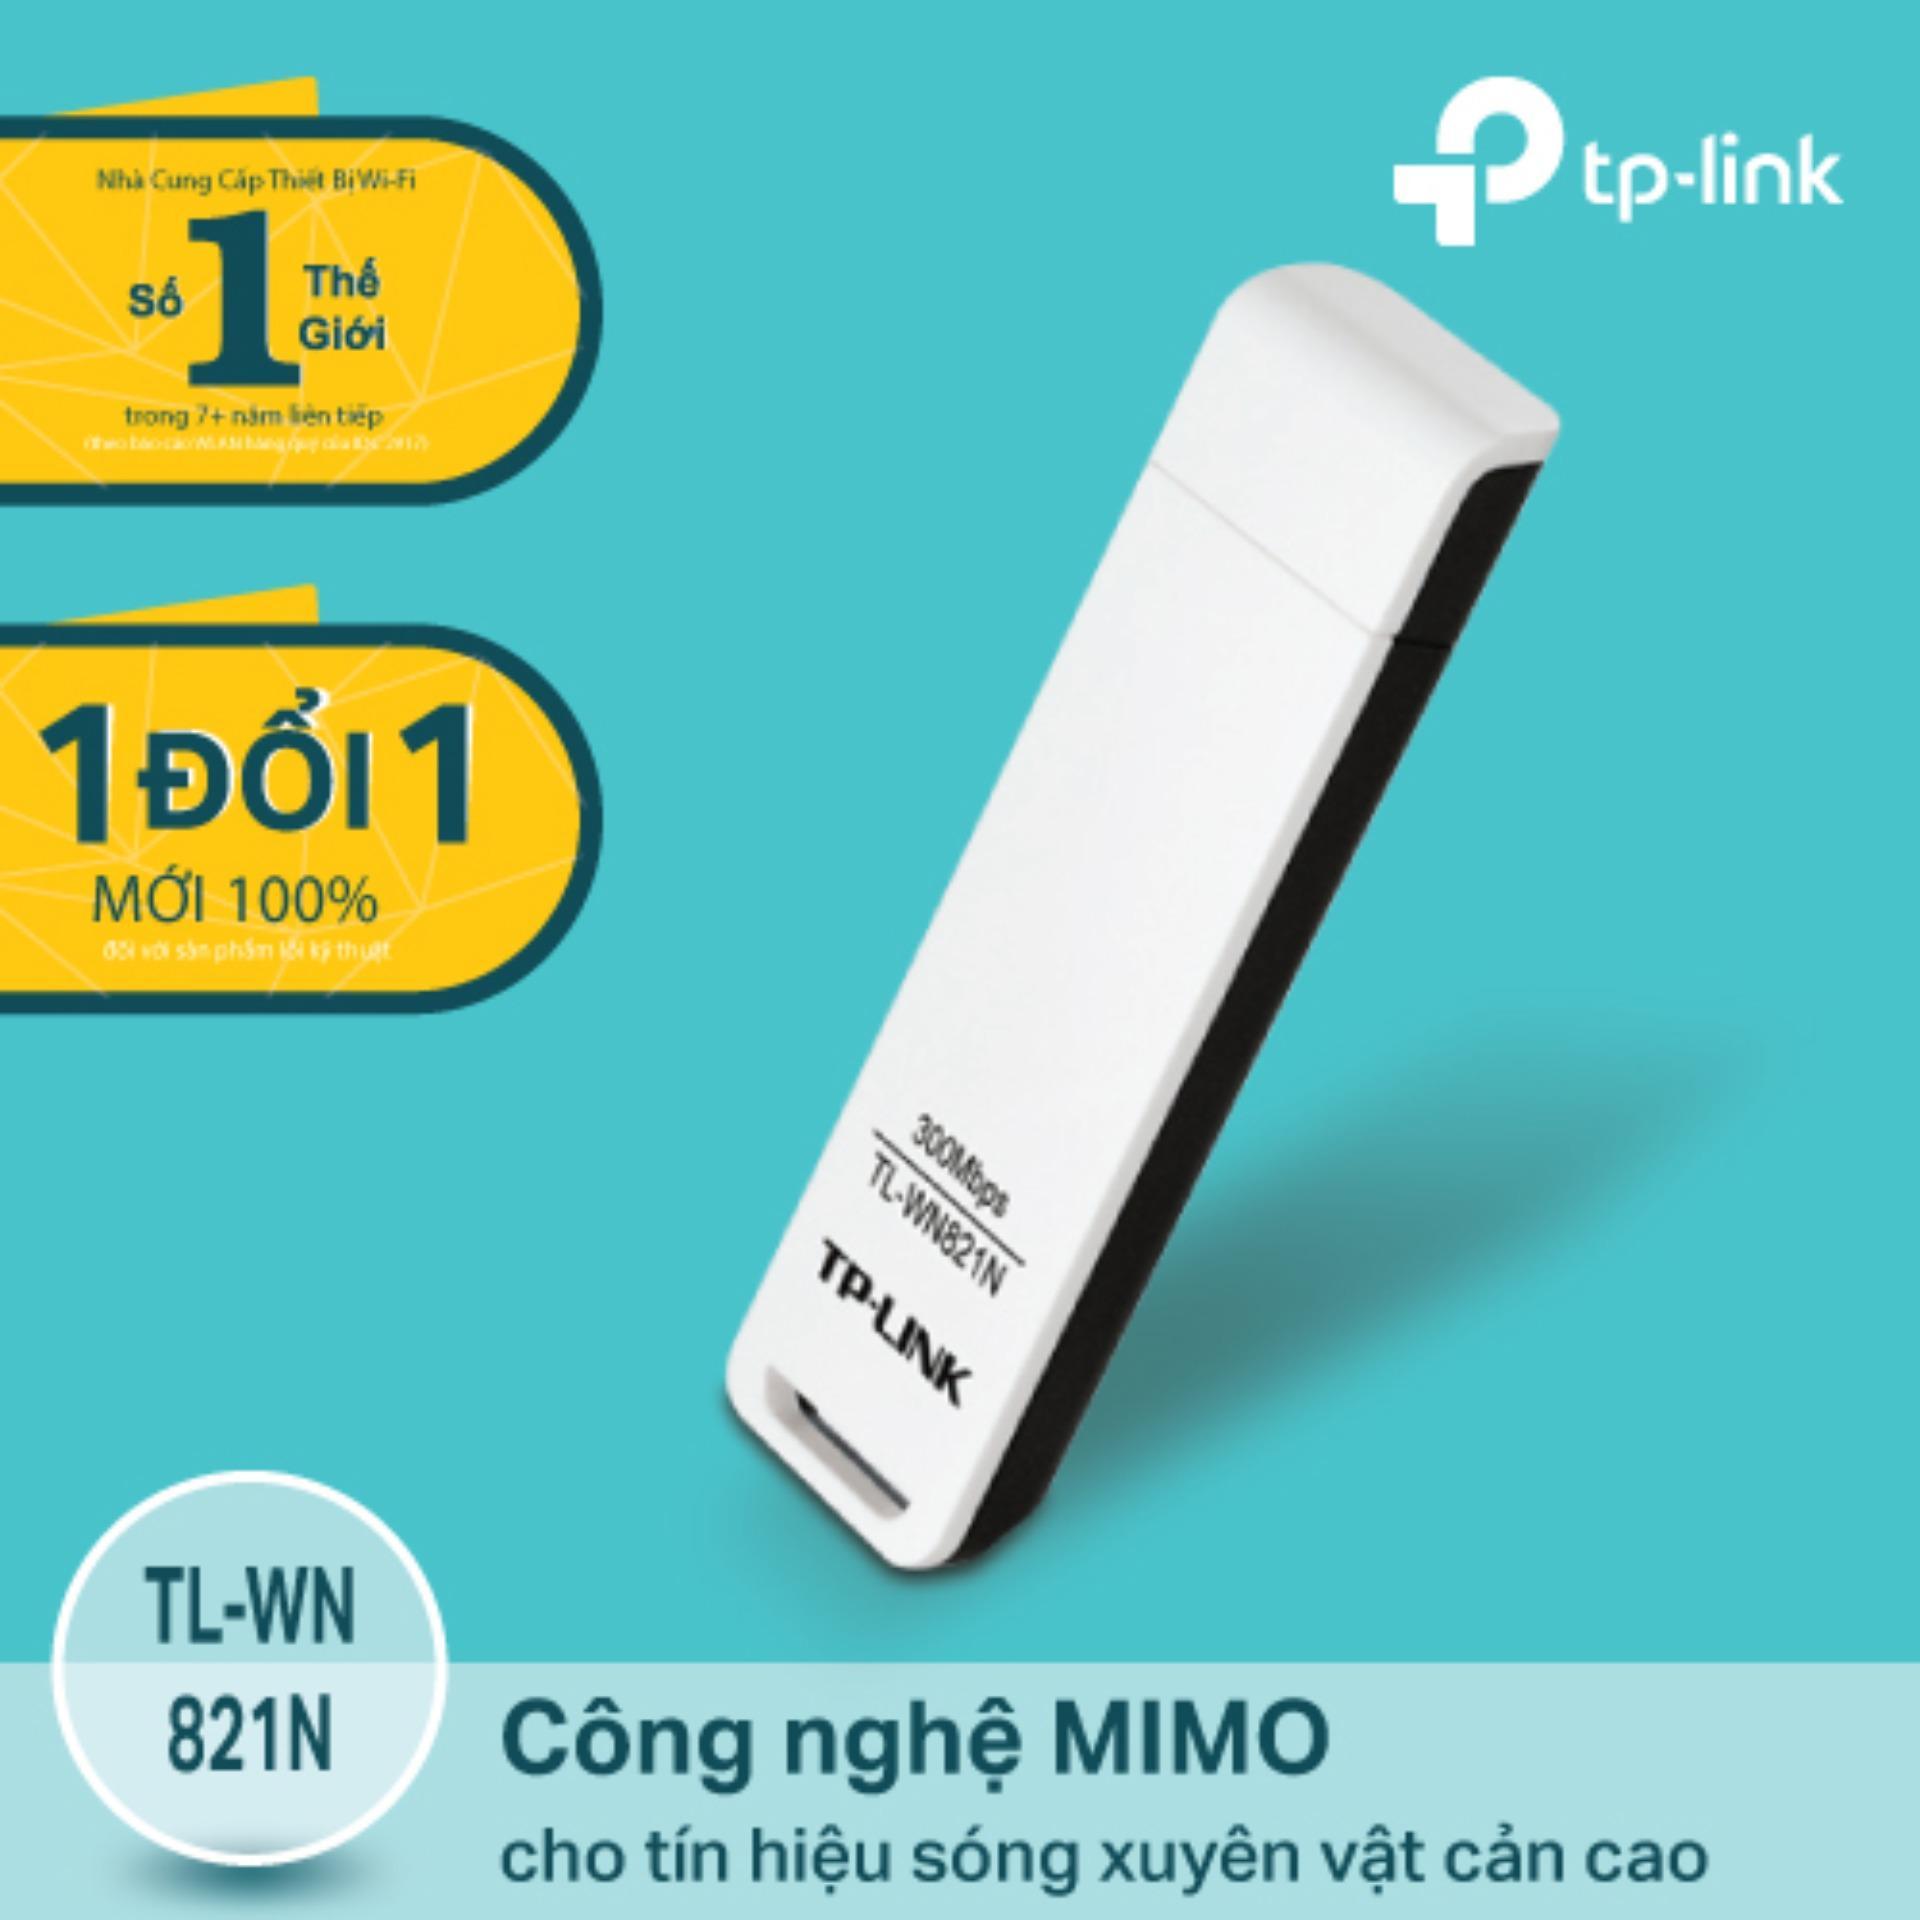 Bán Tp Link Tl Wn821N Usb Kết Nối Wi Fi Chuẩn N 300Mbps Hang Phan Phối Chinh Thức Người Bán Sỉ